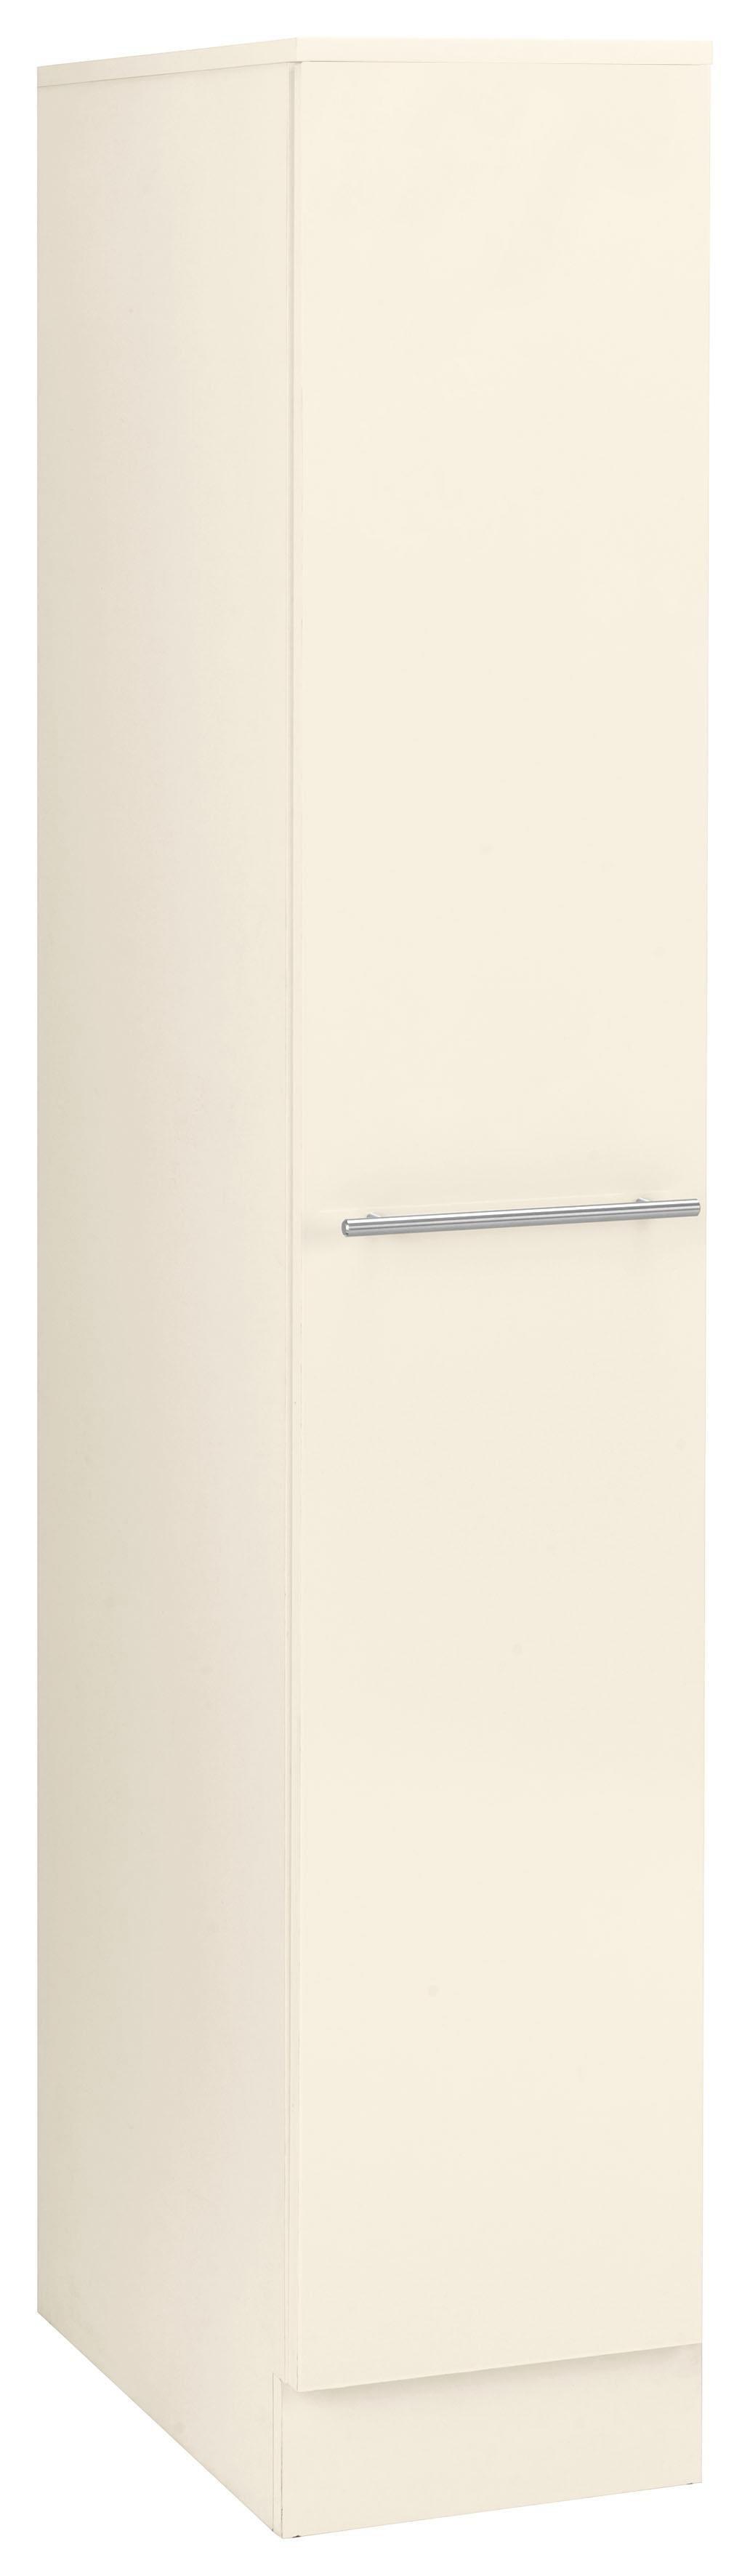 WIHO-Küchen Apothekerschrank »Flexi2« | Küche und Esszimmer > Küchenschränke > Apothekerschränke | Weiß - Rot - Glanz | Melamin | wiho Küchen